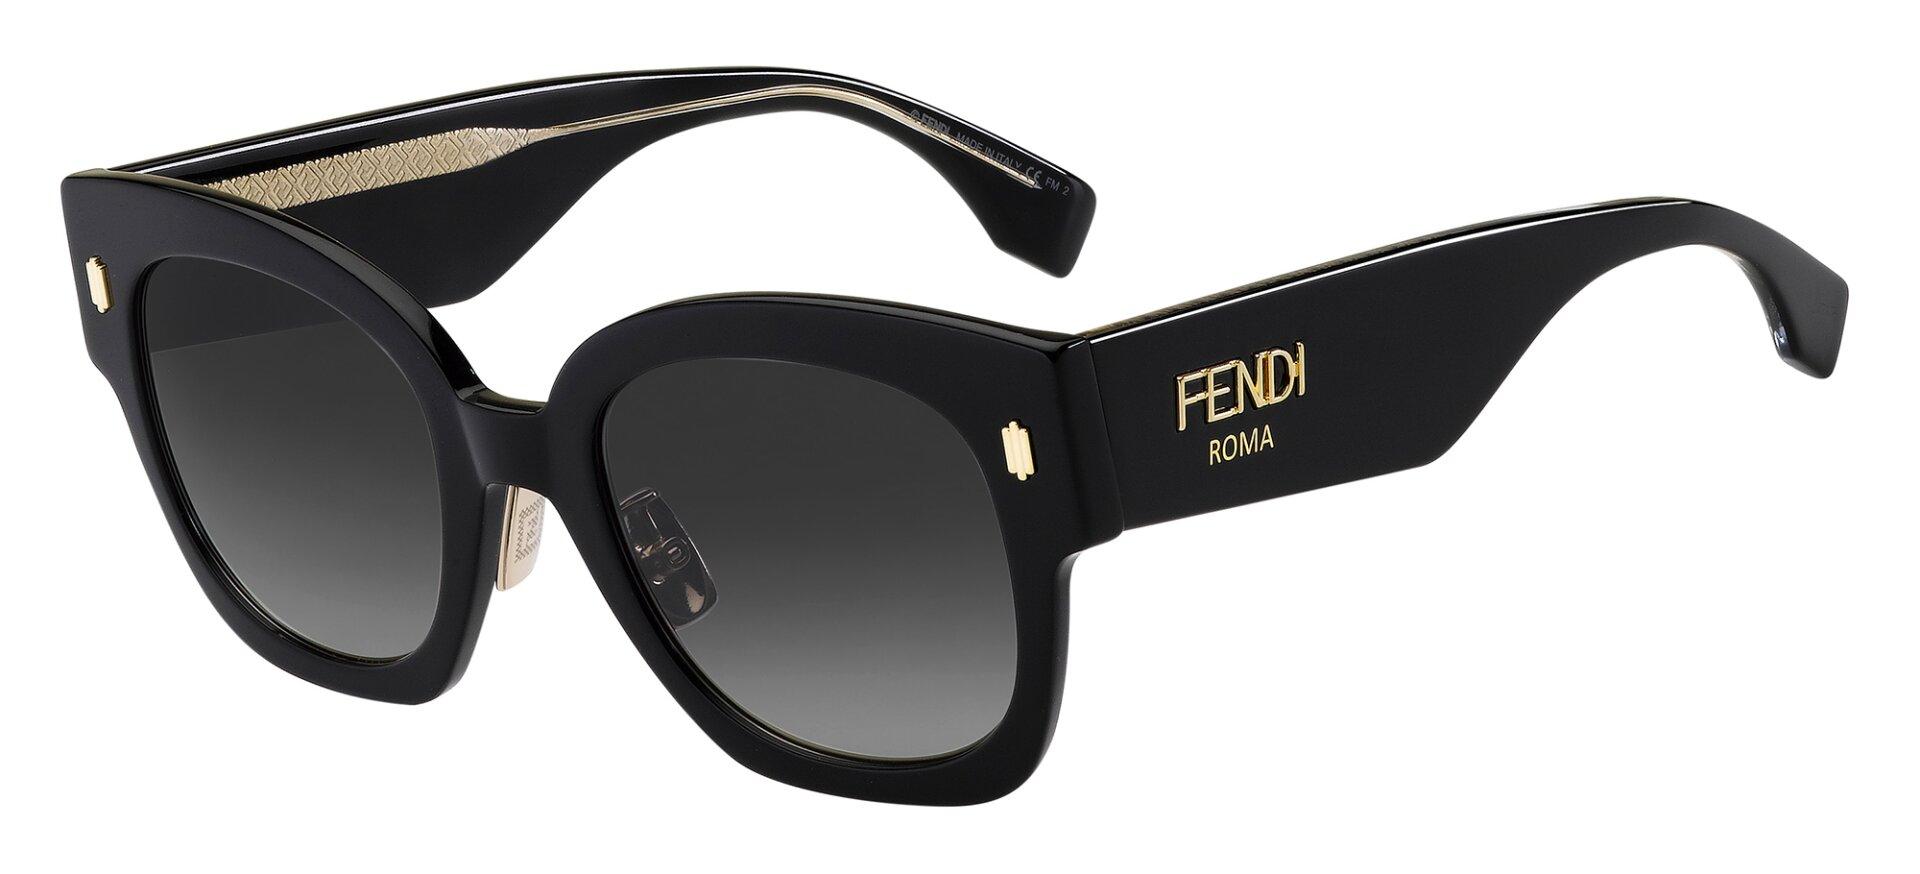 FENDI 0458/G/S 807/9O